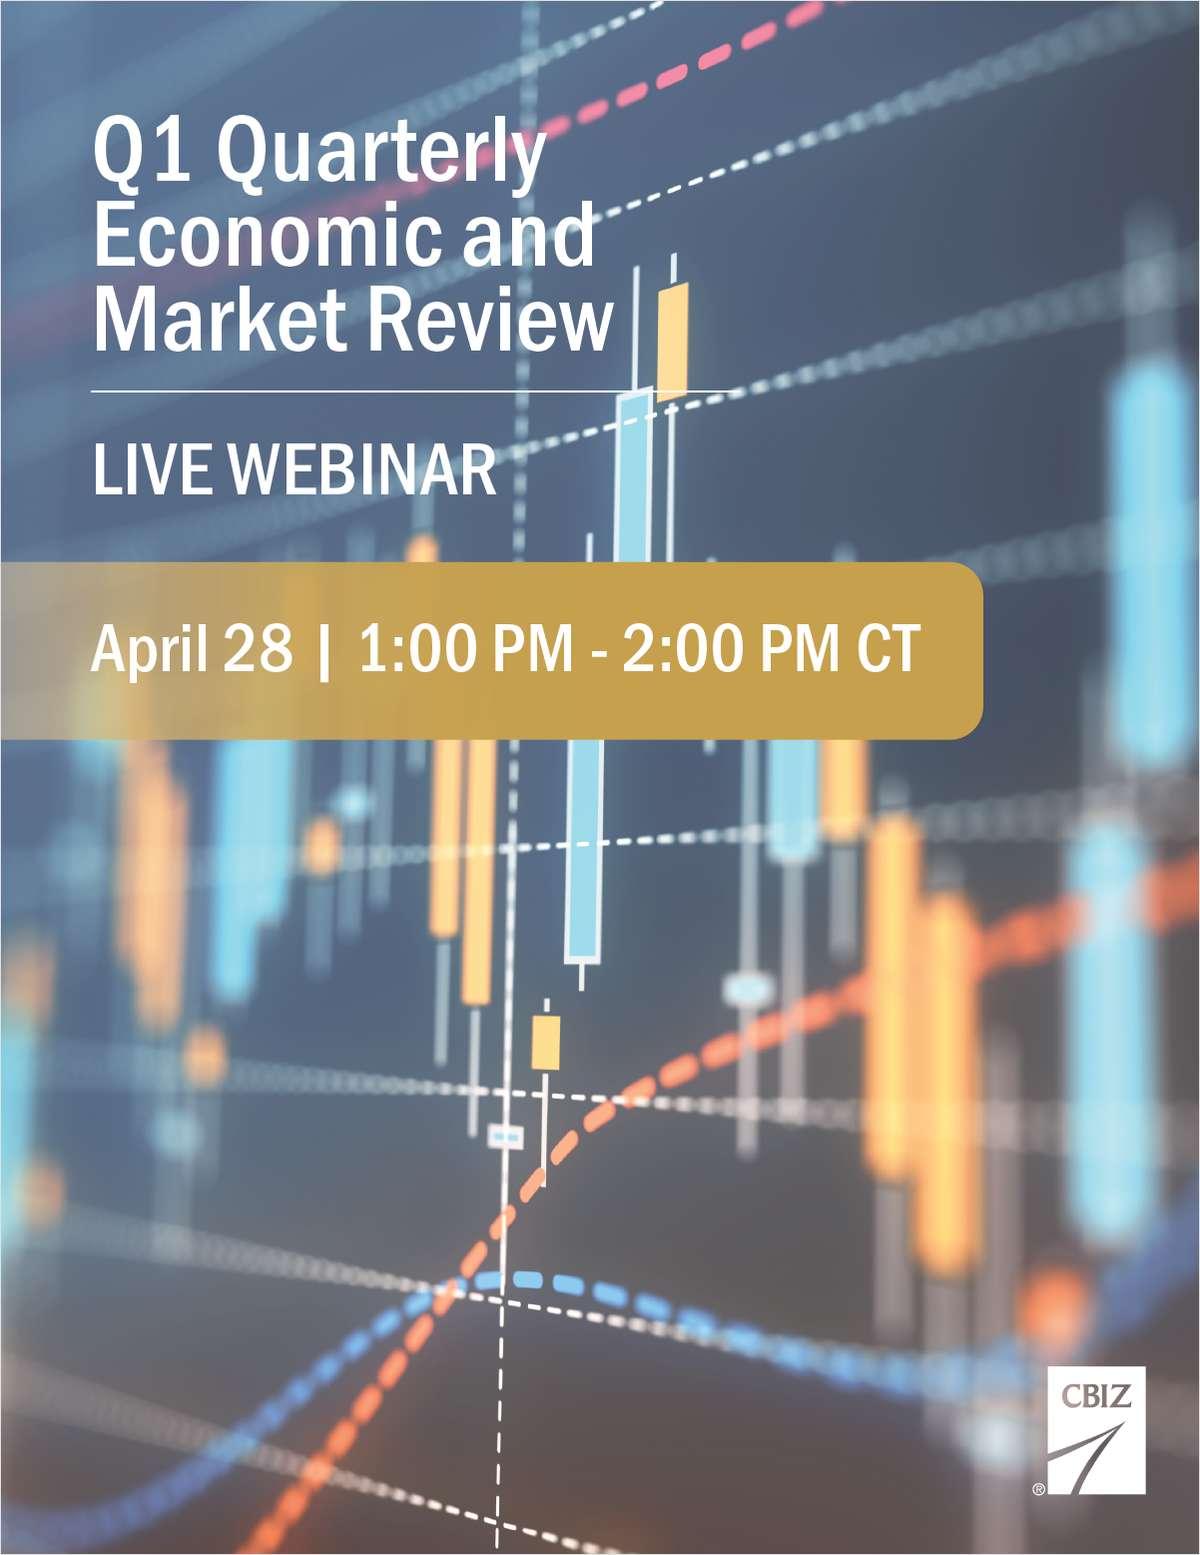 CBIZ Presents: Q1 Economic & Market Review